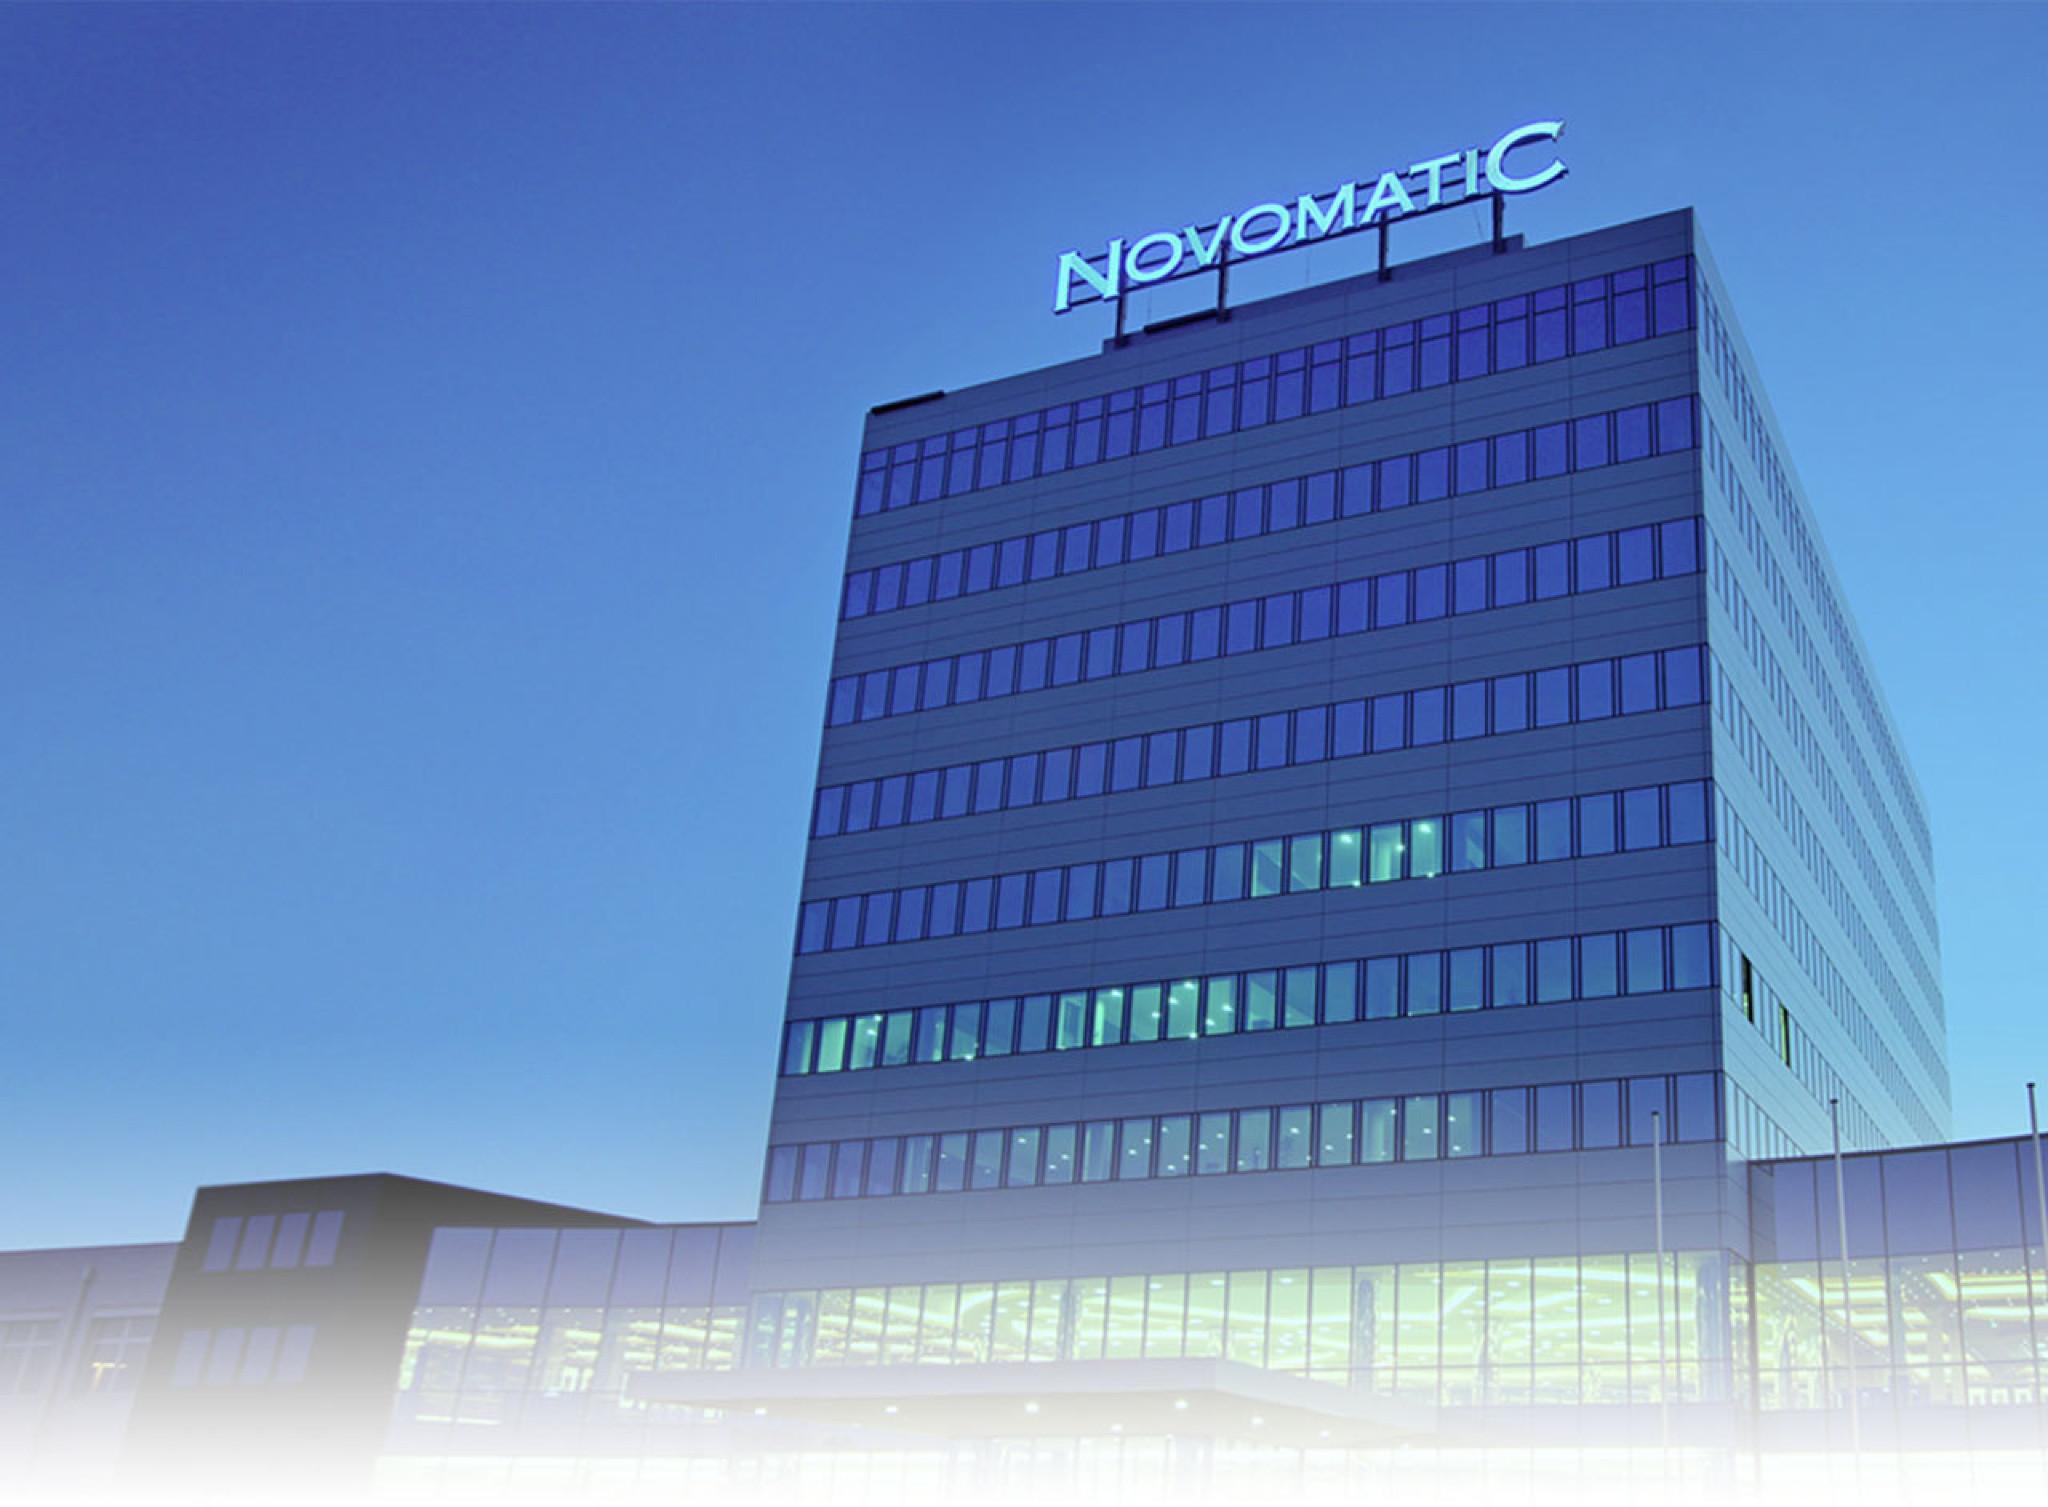 Novomatic Konzern